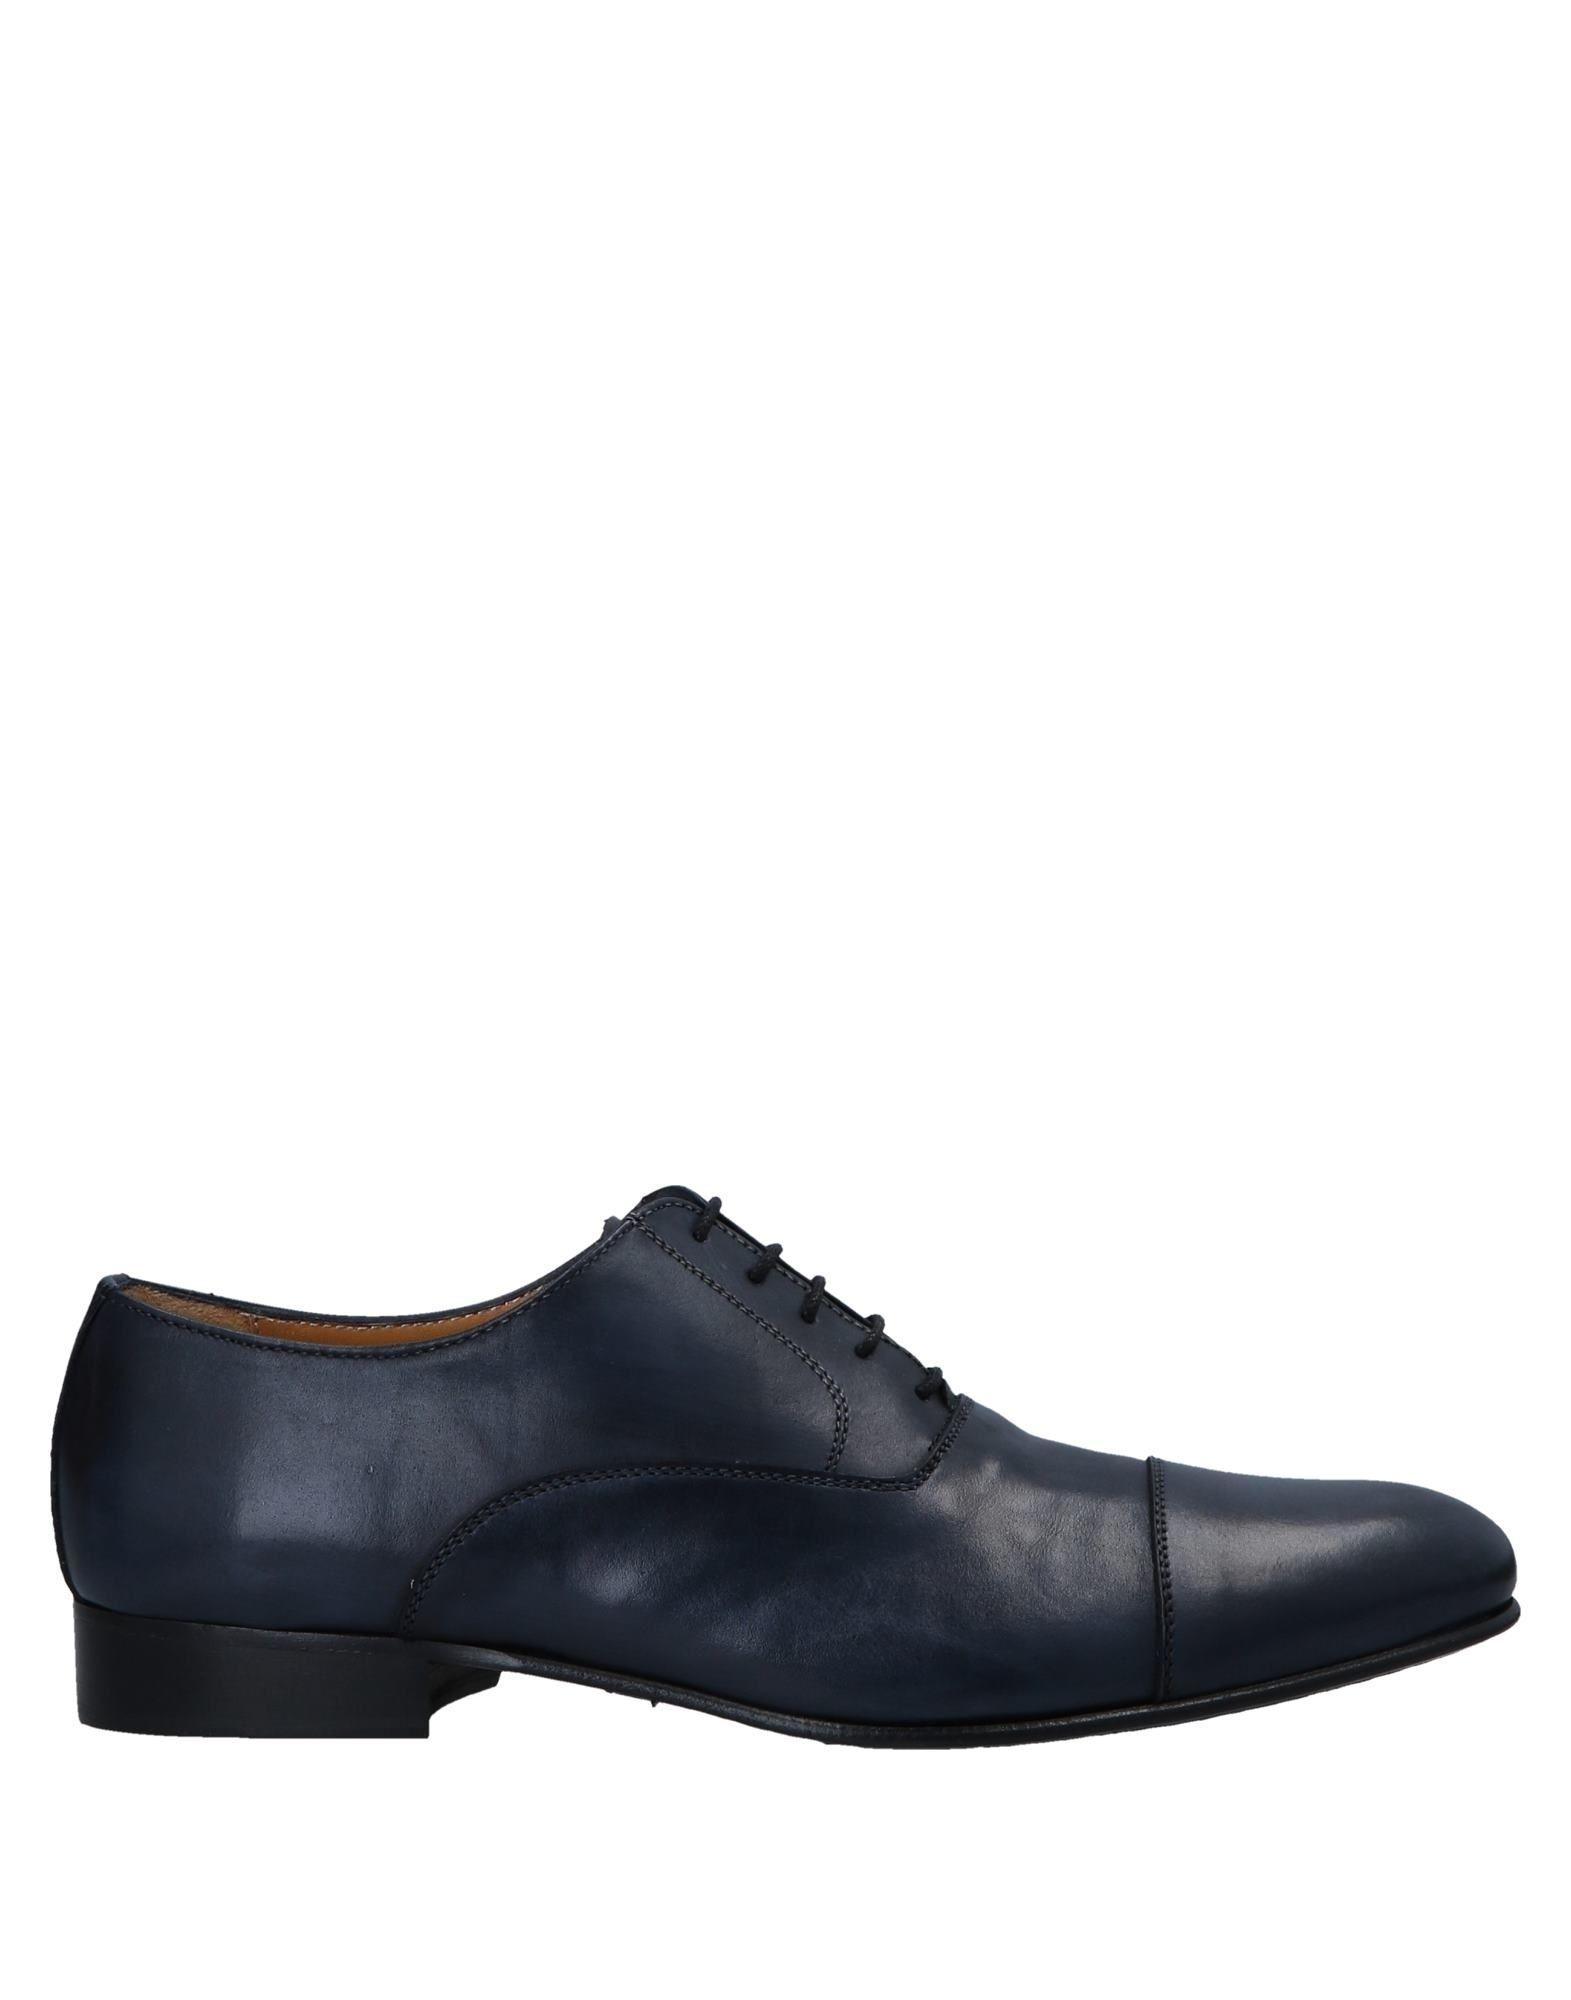 Rabatt echte Schuhe Antica Cuoieria Schnürschuhe Herren  11547179MD